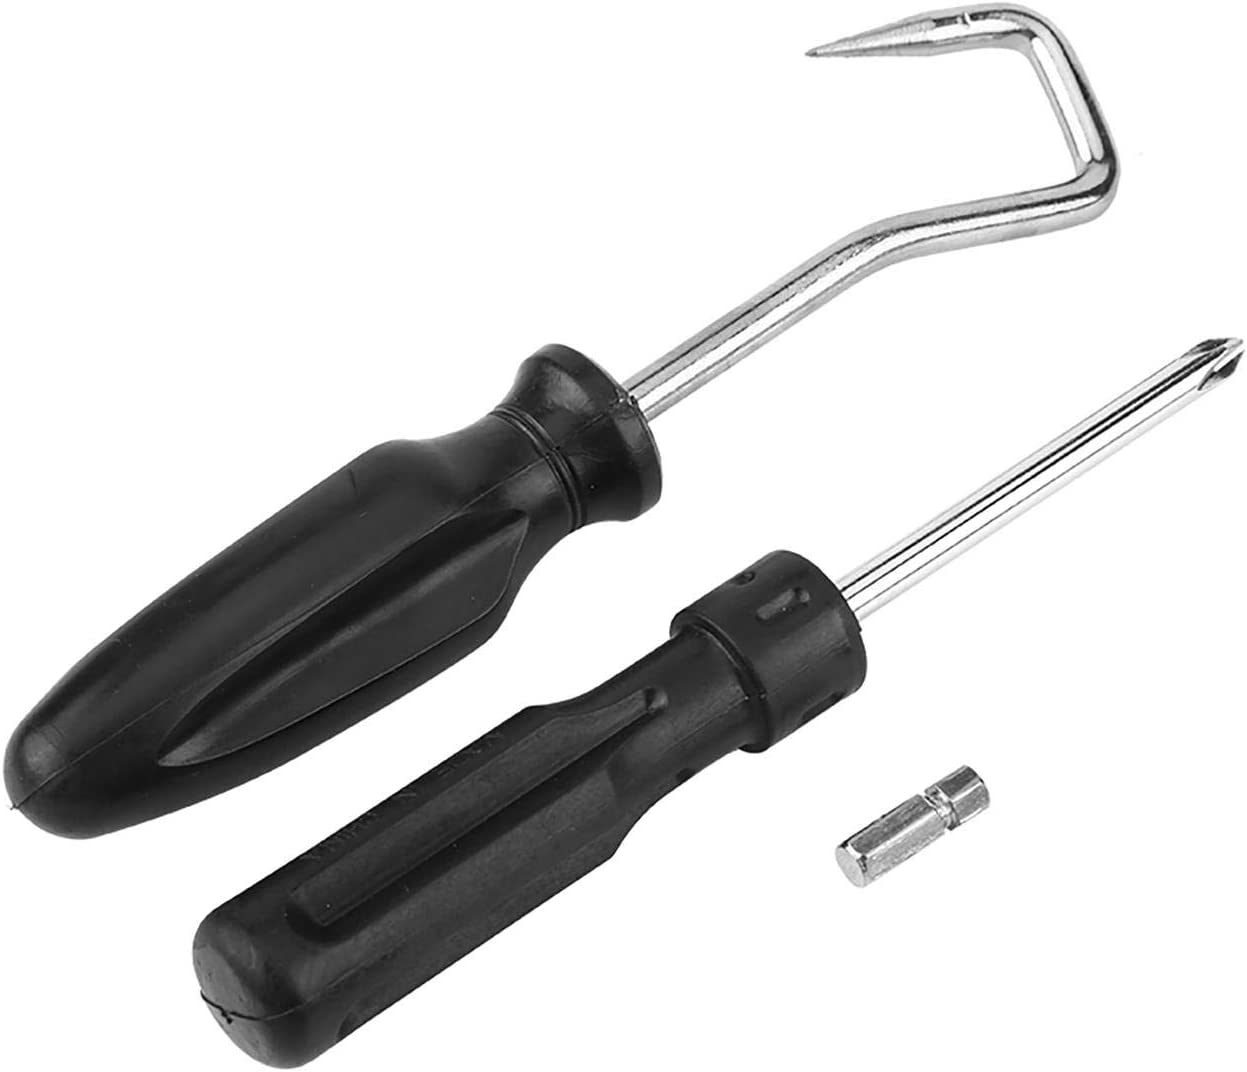 Set di Pinze a Clip per Rimozione Set di Strumenti Automobilistici con Custodia Joycelzen 9 Pezzi Set di Pinze per Fascette Stringitubo Flessibili